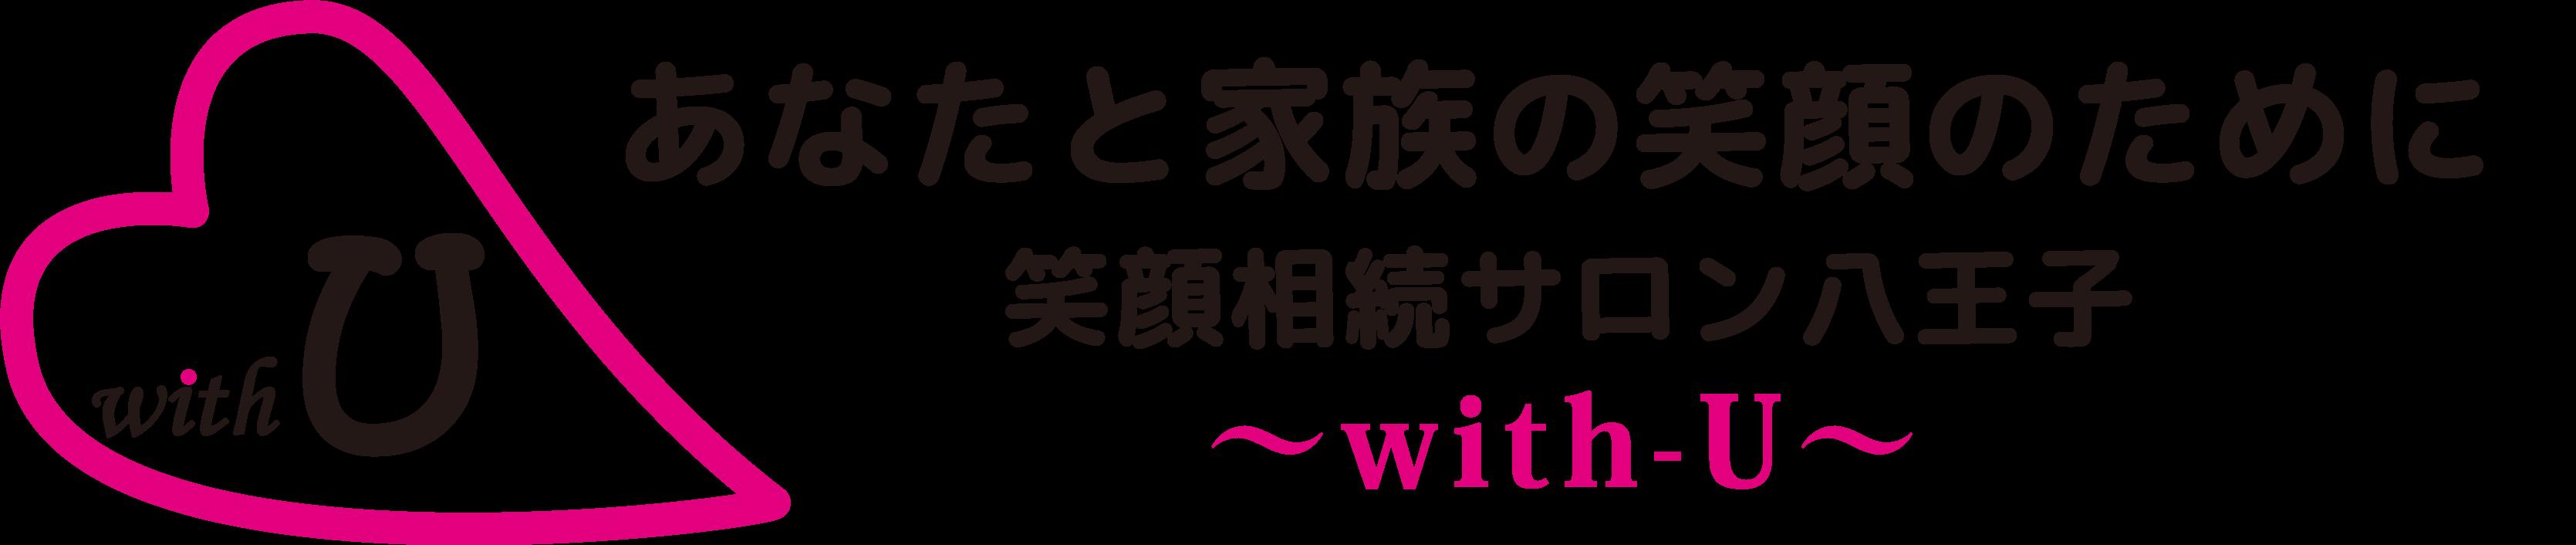 笑顔で相続を迎えるお手伝い 〜with-U〜